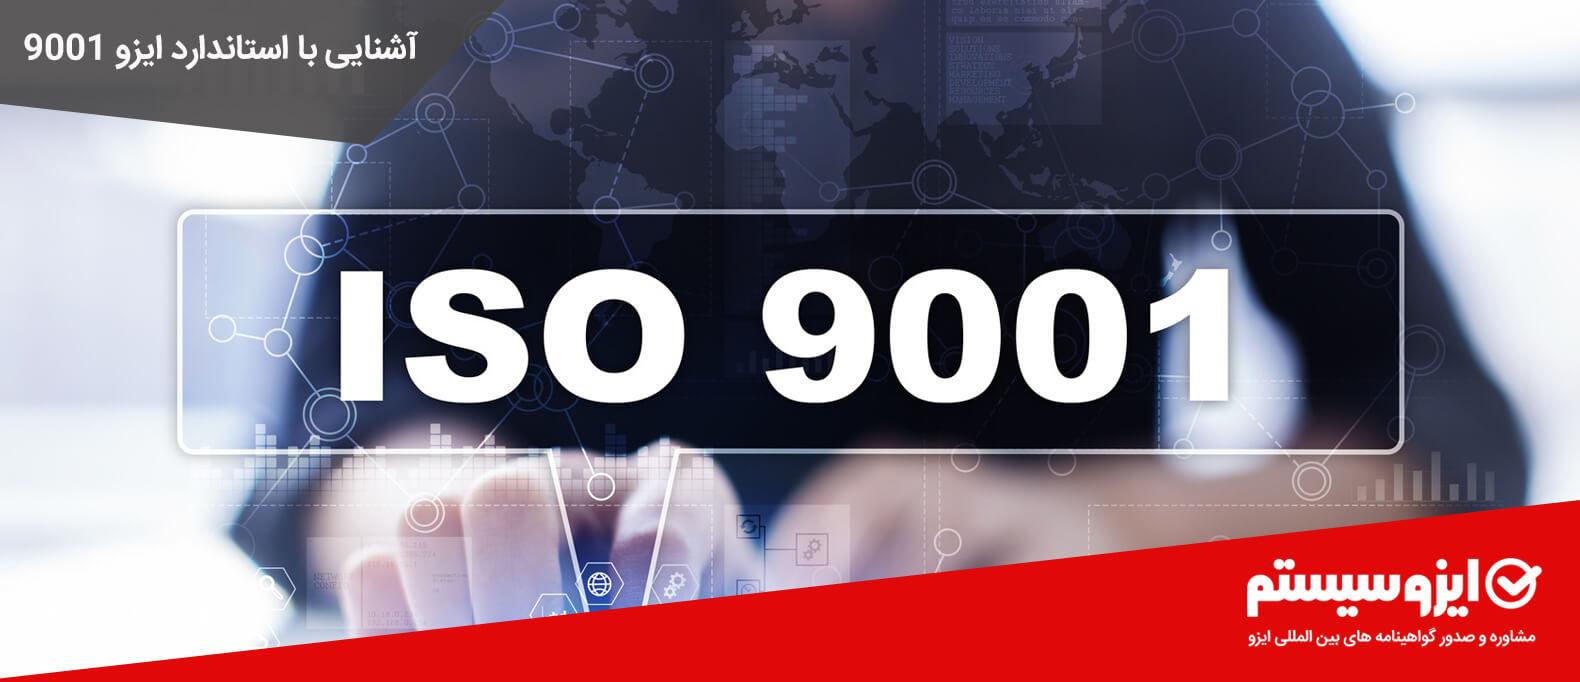 استاندارد ایزو 9001 چیست؟